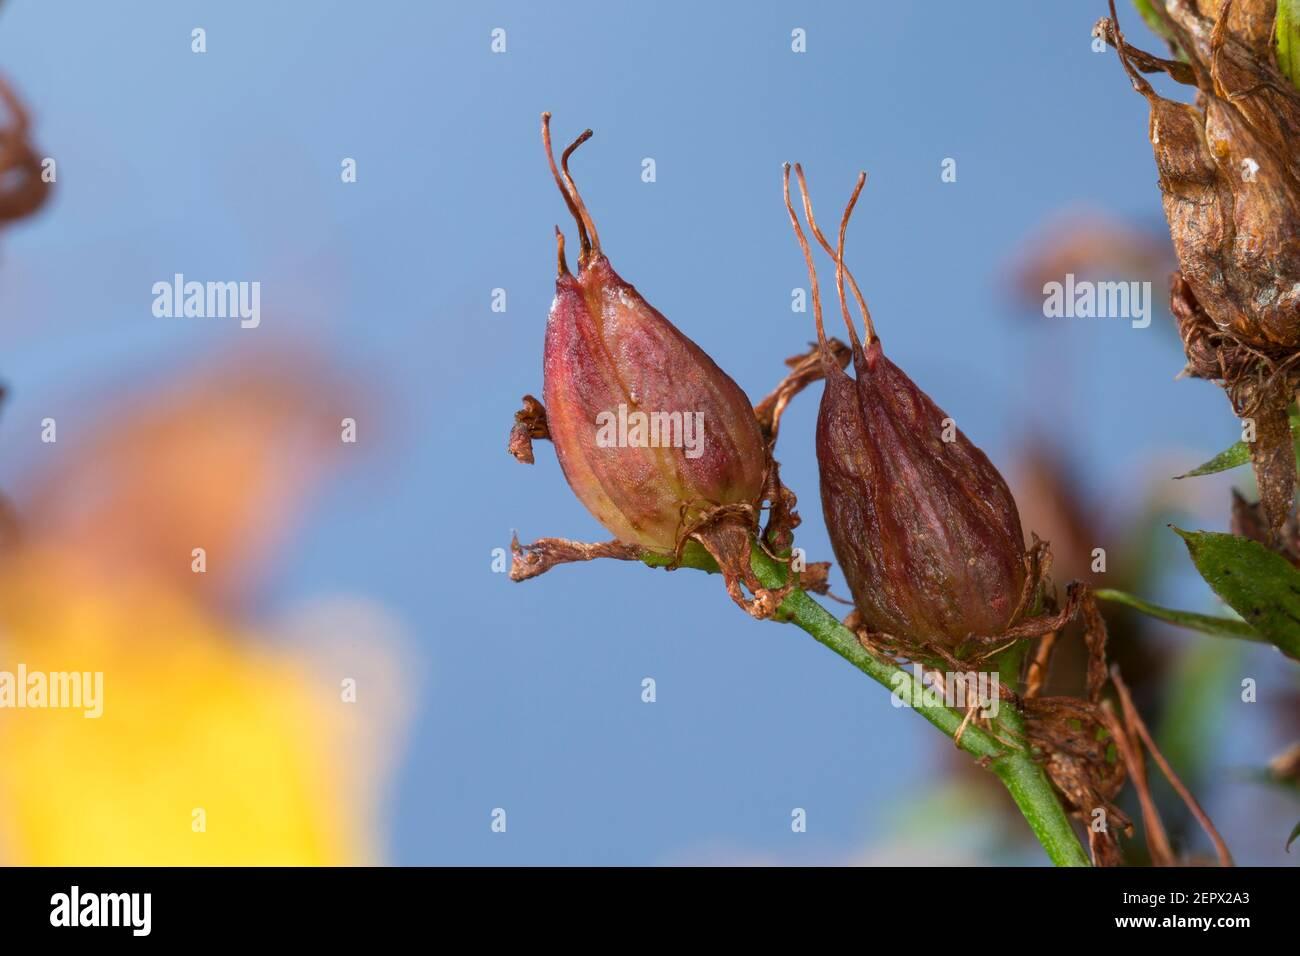 Johannes, Frucht, Früchte, Tüpfel-Johanniskraut, Echtes Johanniskraut, Kärnten, Tüpfeljohanniskraut, Tüpfel-Hartheu, Hartheu Banque D'Images